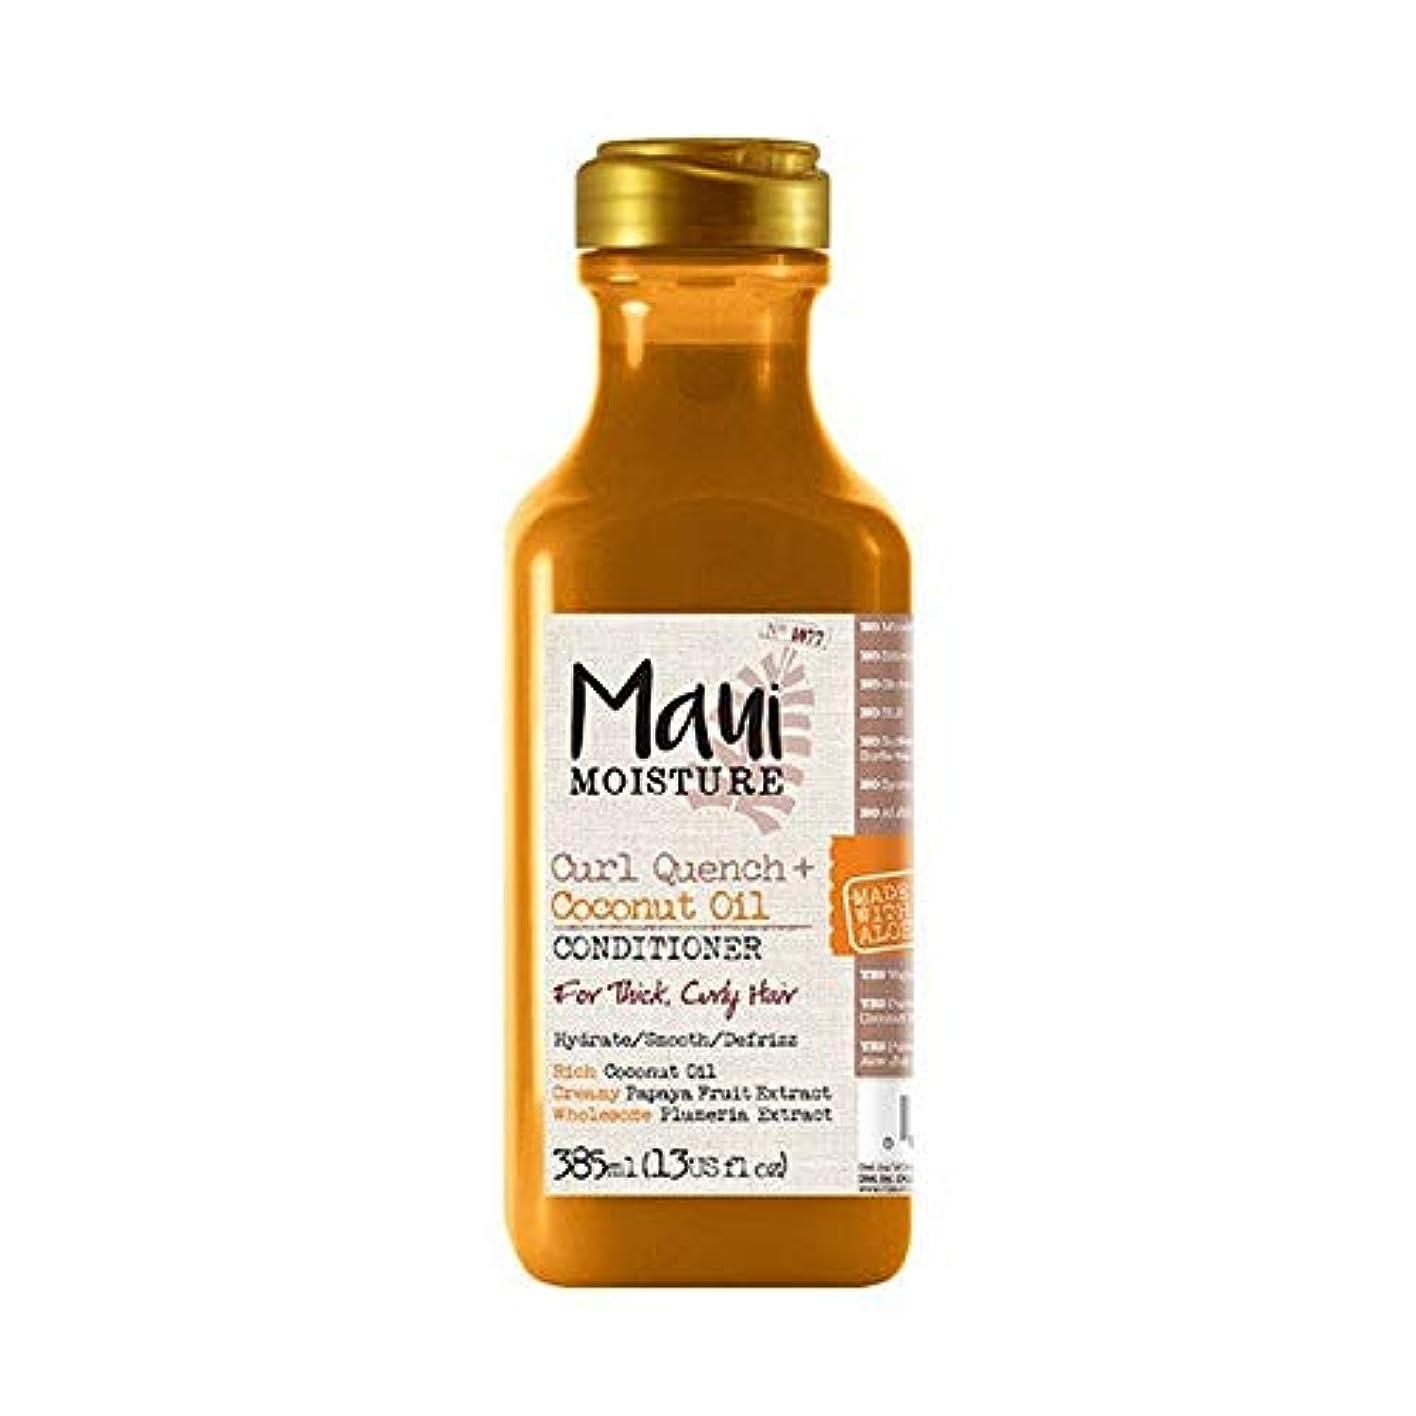 スツール集まるサイトライン[Maui Moisture ] マウイ水分カールクエンチ+ココナッツオイルコンディショナー - Maui Moisture Curl Quench + Coconut Oil Conditioner [並行輸入品]